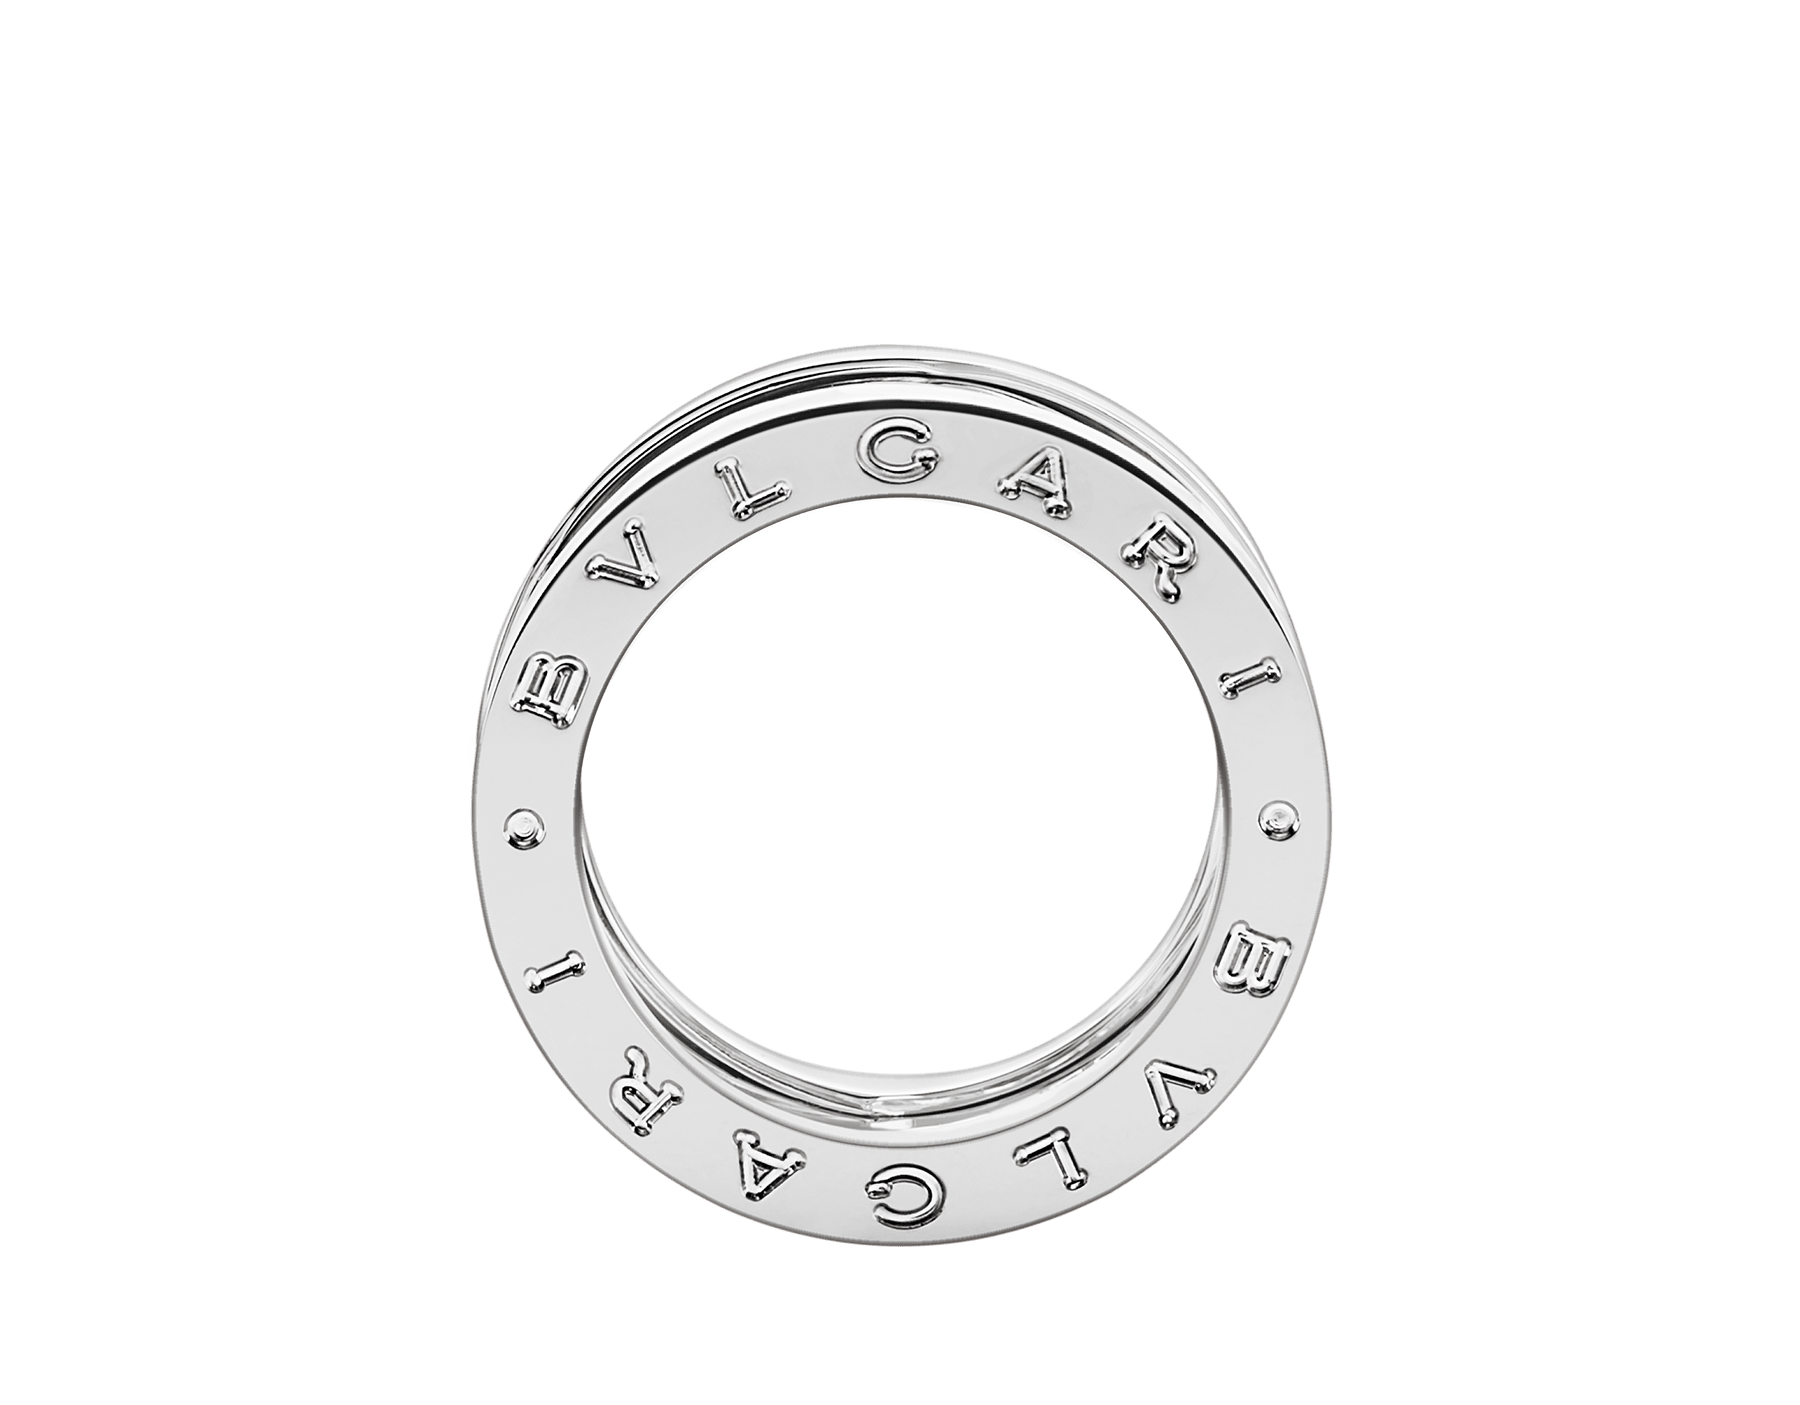 18Kホワイトゴールド製ビー・ゼロワン デザイン レジェンド リング。スパイラル上にパヴェダイヤモンドをあしらいました。 AN858378 image 2